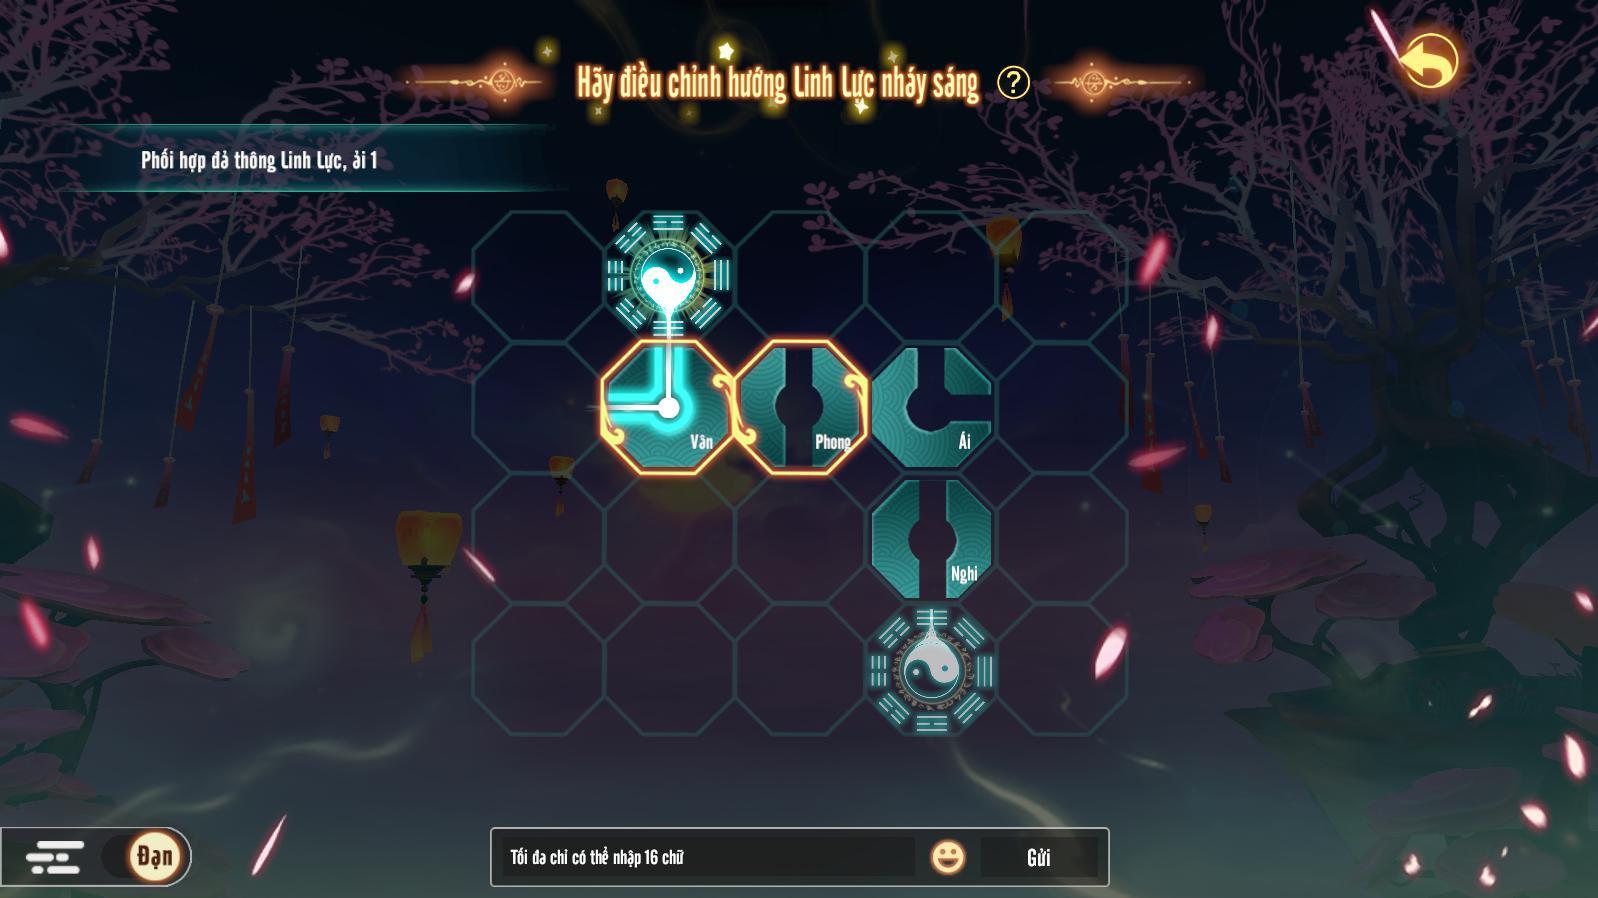 Tuyệt Kiếm Cổ Phong sở hữu combo tính năng Trending mà hầu hết game mobile tại Việt Nam hiện nay đều thiếu - Ảnh 13.